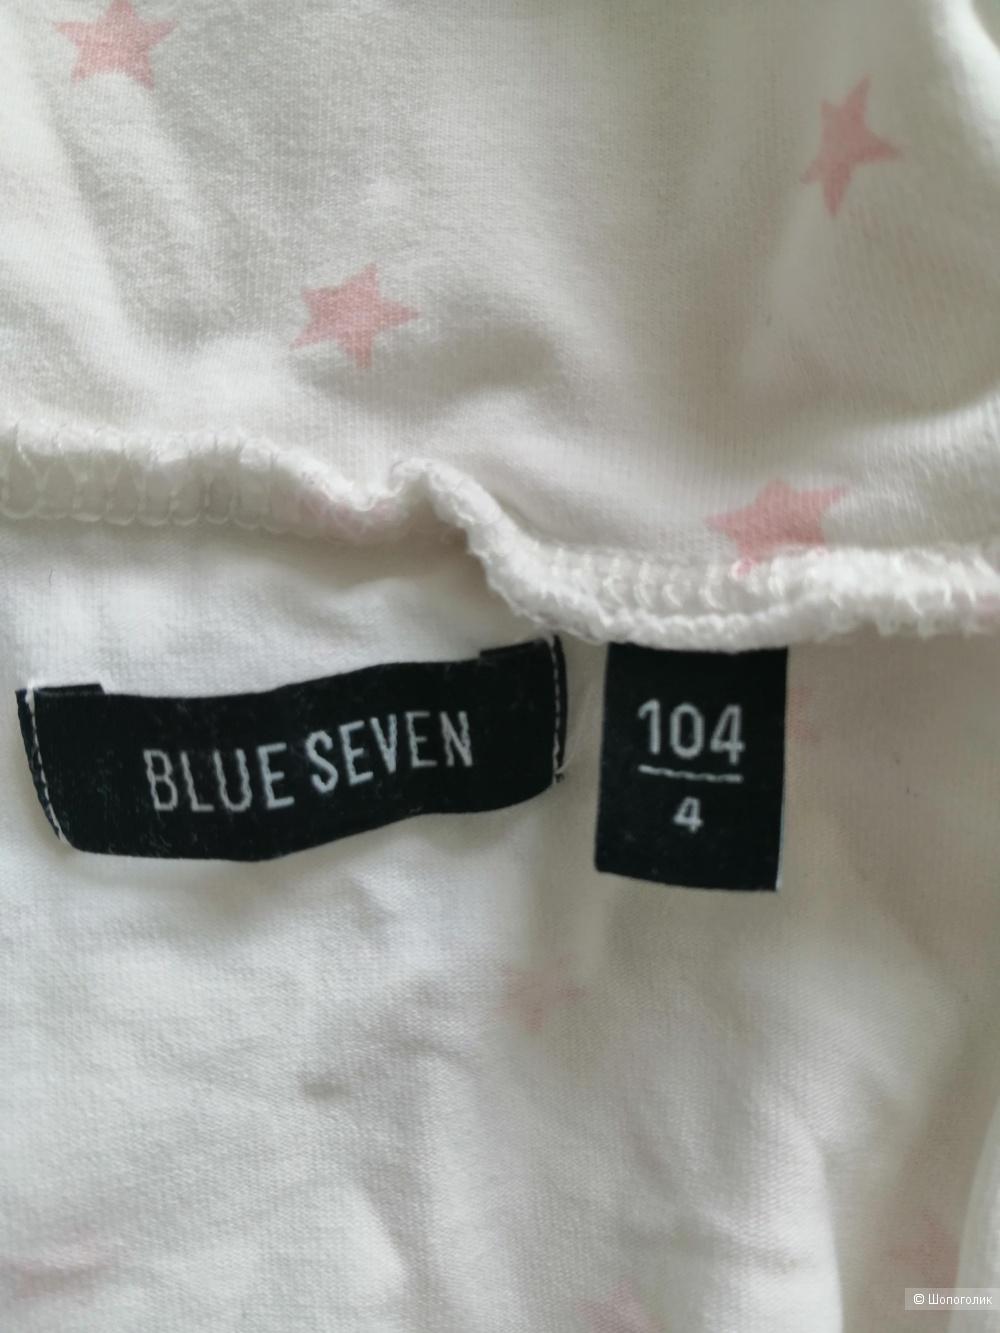 Водолазка Blue seven 104